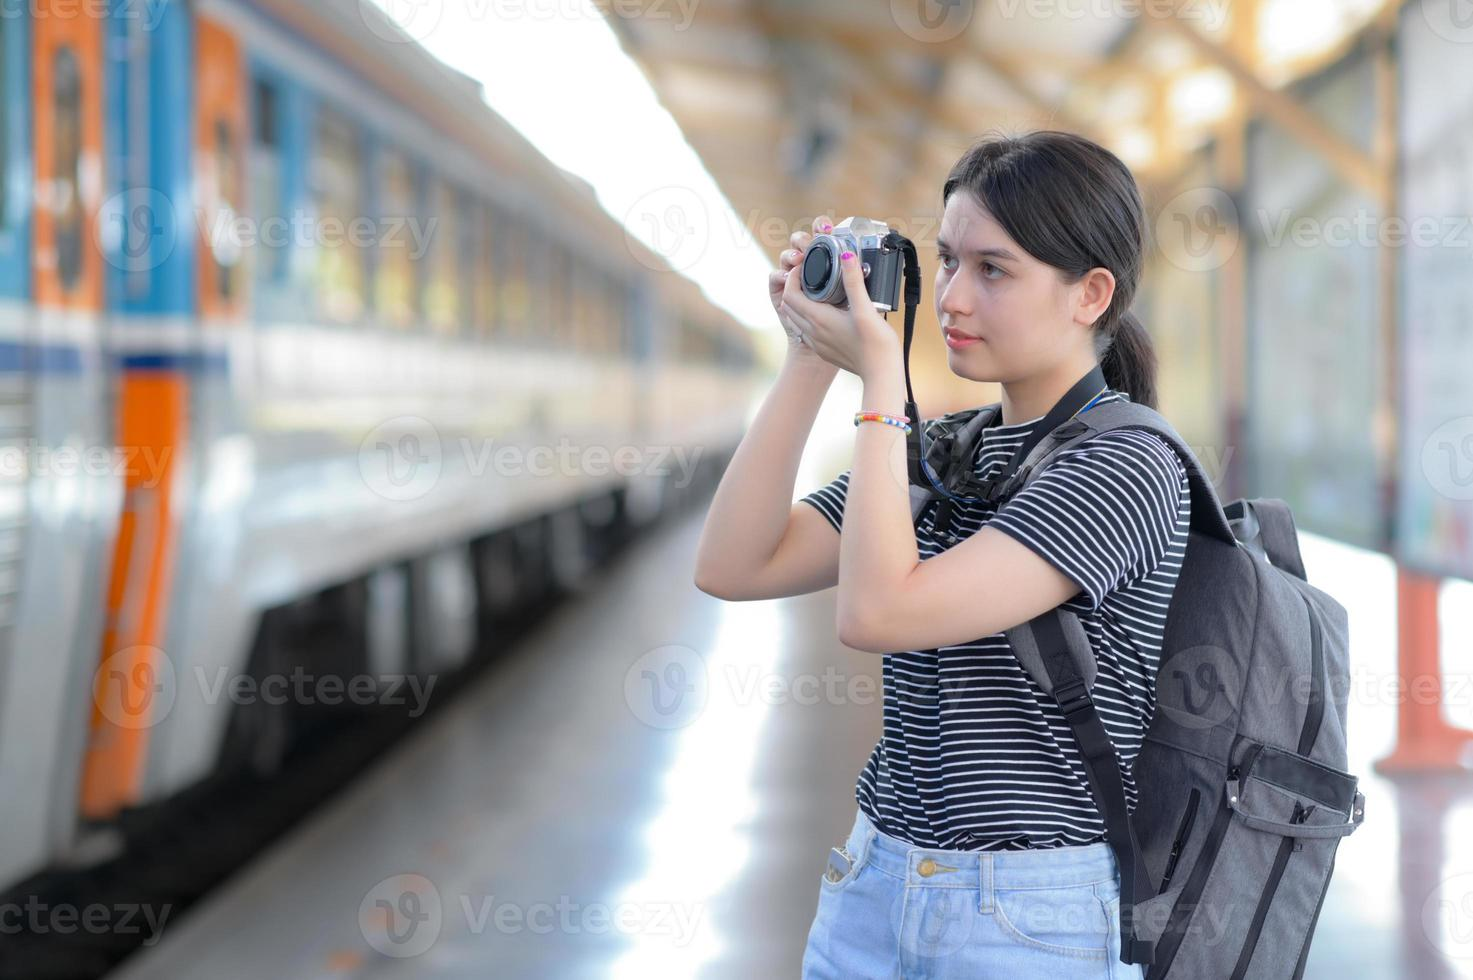 enquanto espera o trem, uma jovem visitante estrangeira carrega uma câmera para tirar fotos. foto